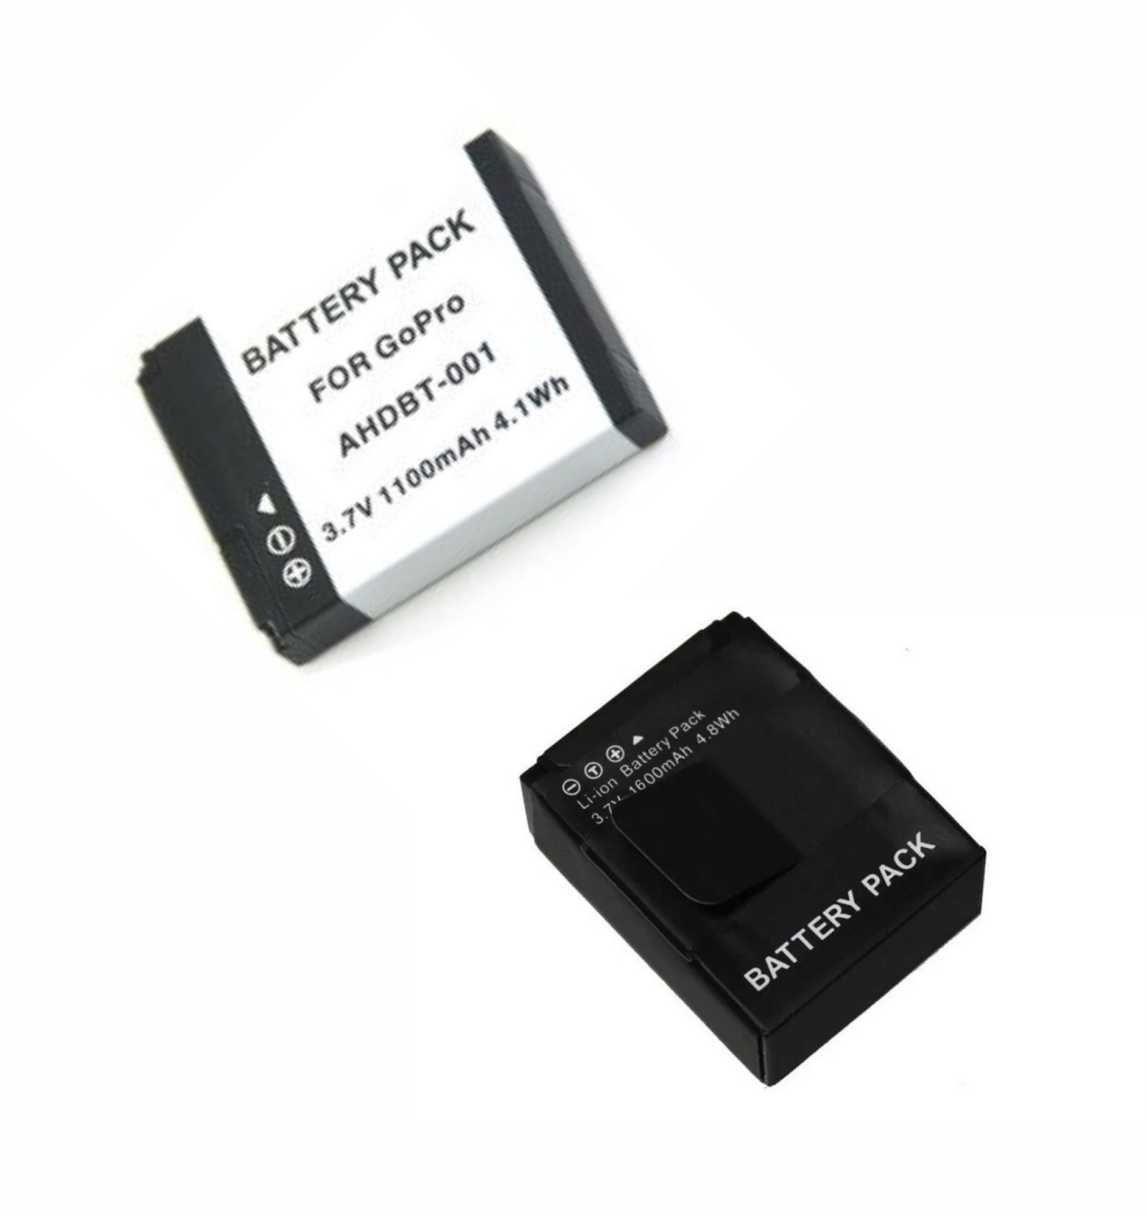 Bateria  AHDBT-001 + AHBT-301 Para GOPRO